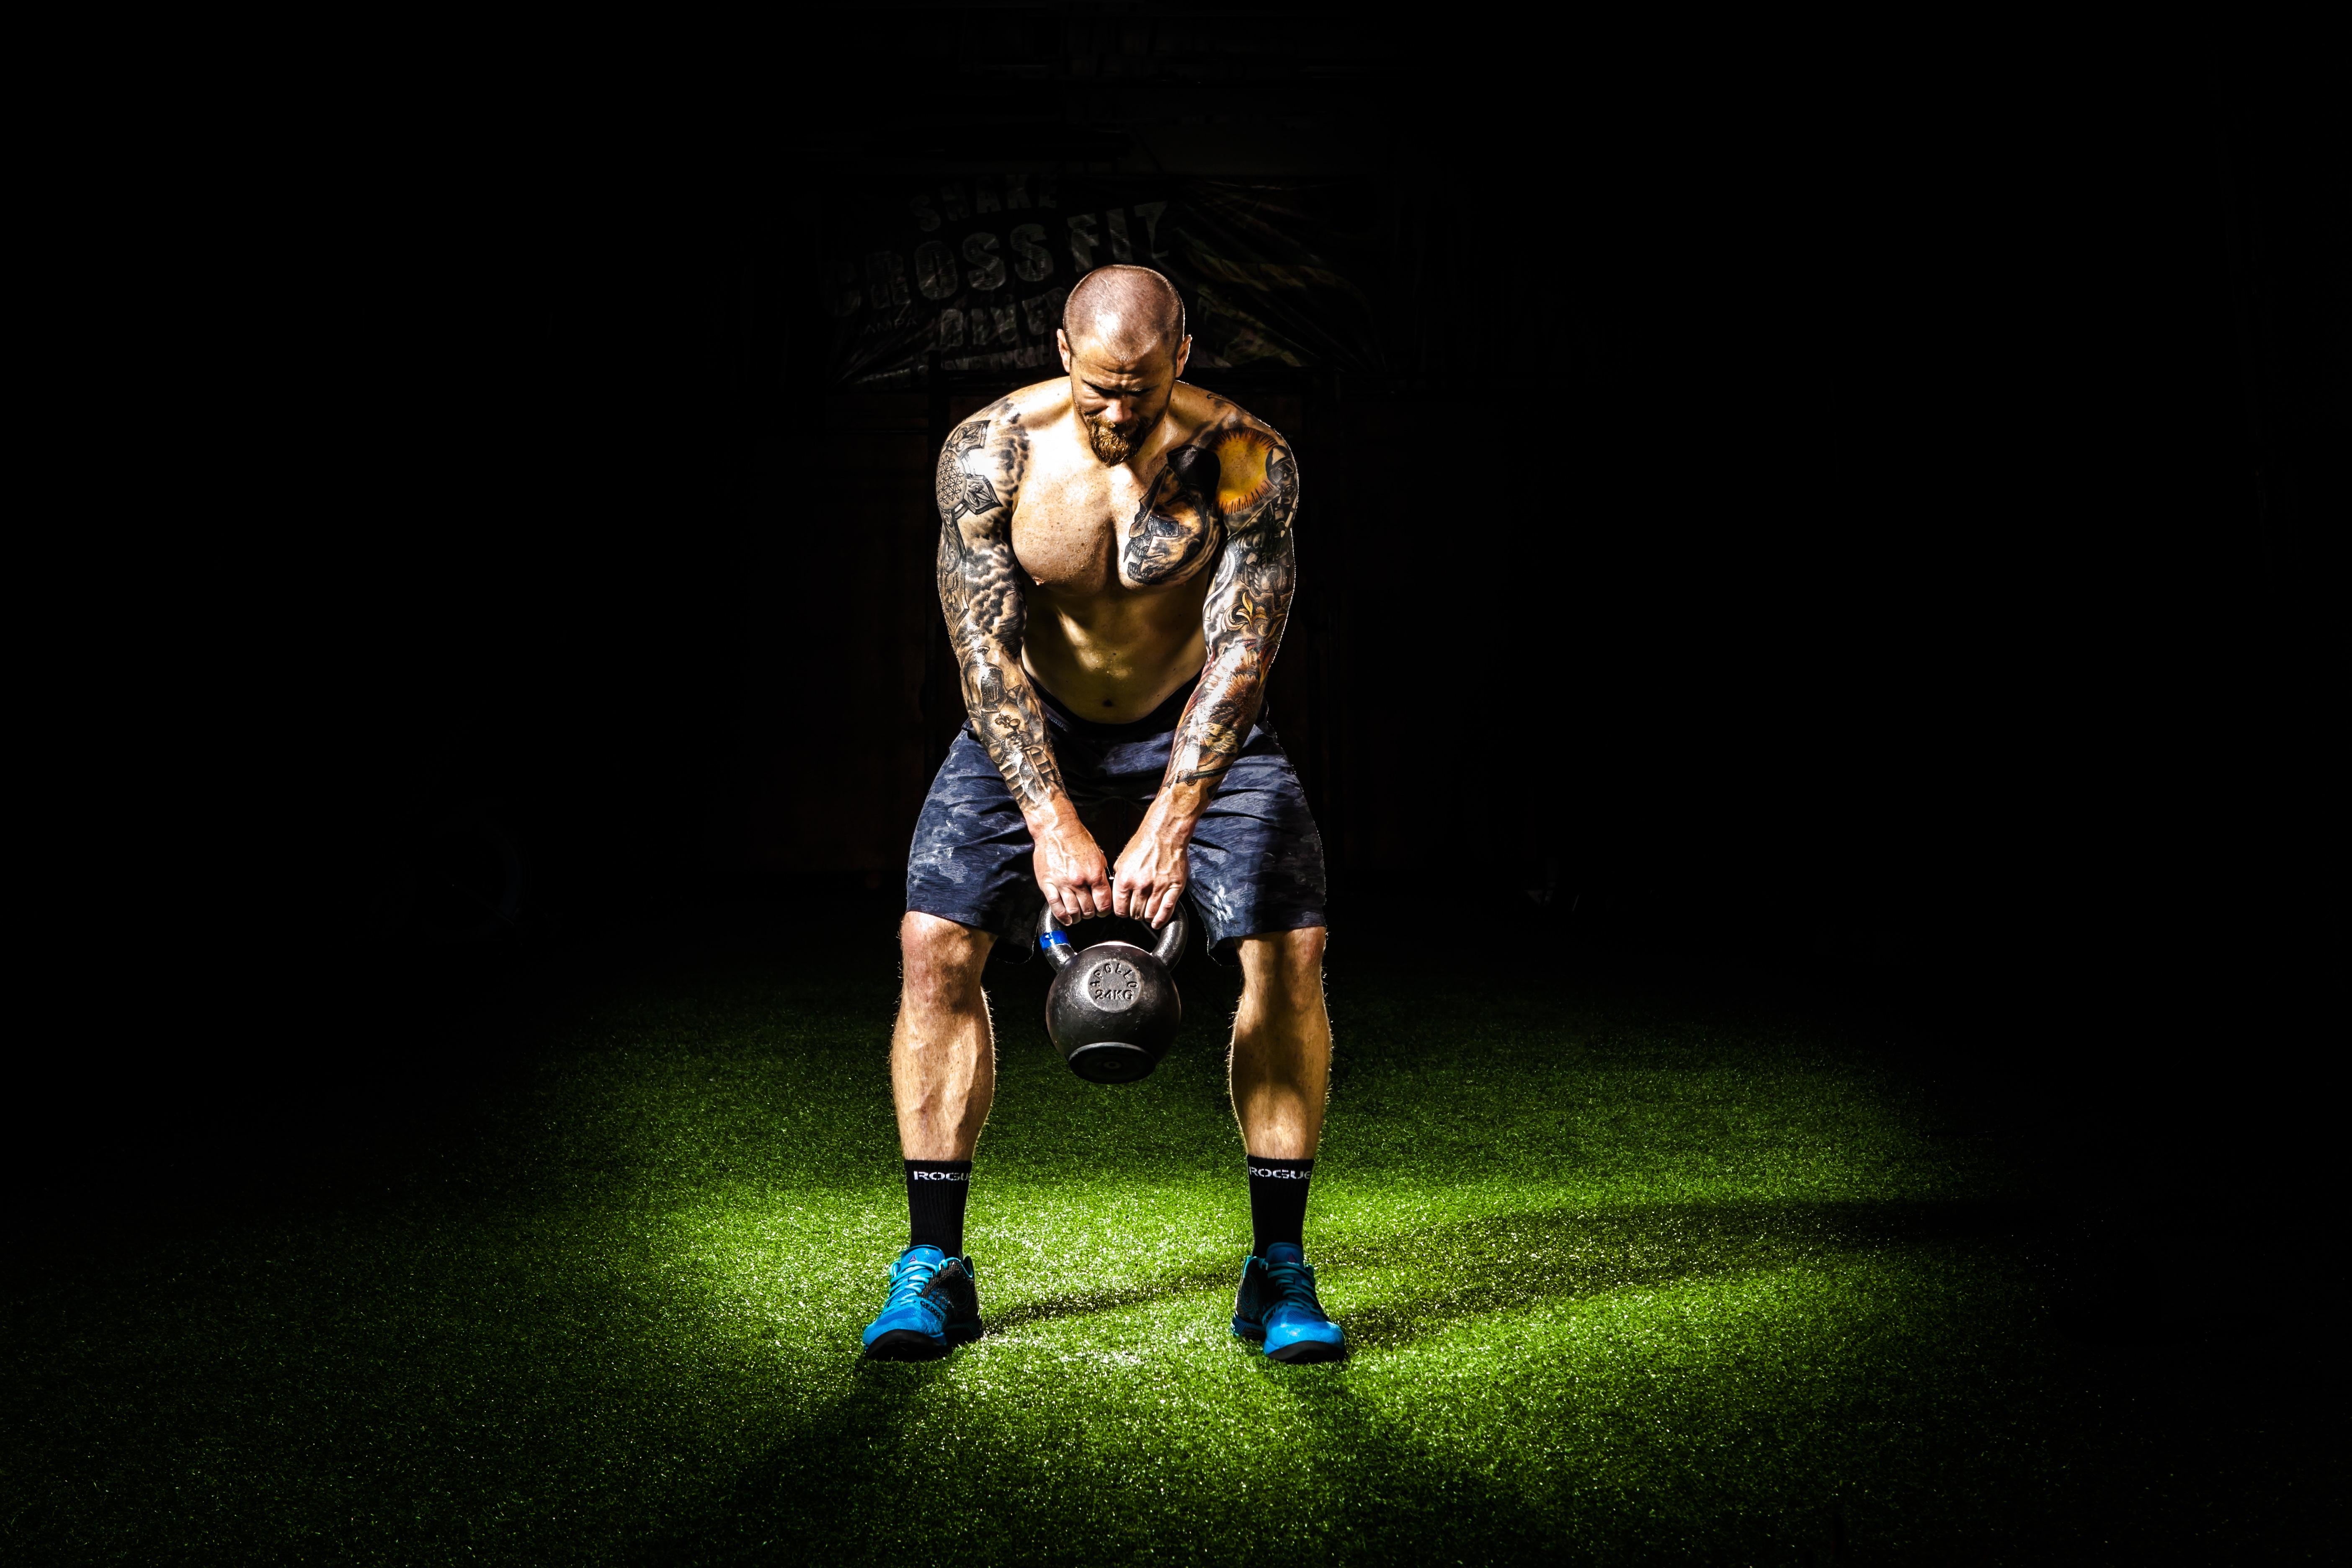 homme la photographie foncé obscurité exercice aptitude projecteur Gym  muscle Poids effort Tatouages image fort capture 2fe45964a0d